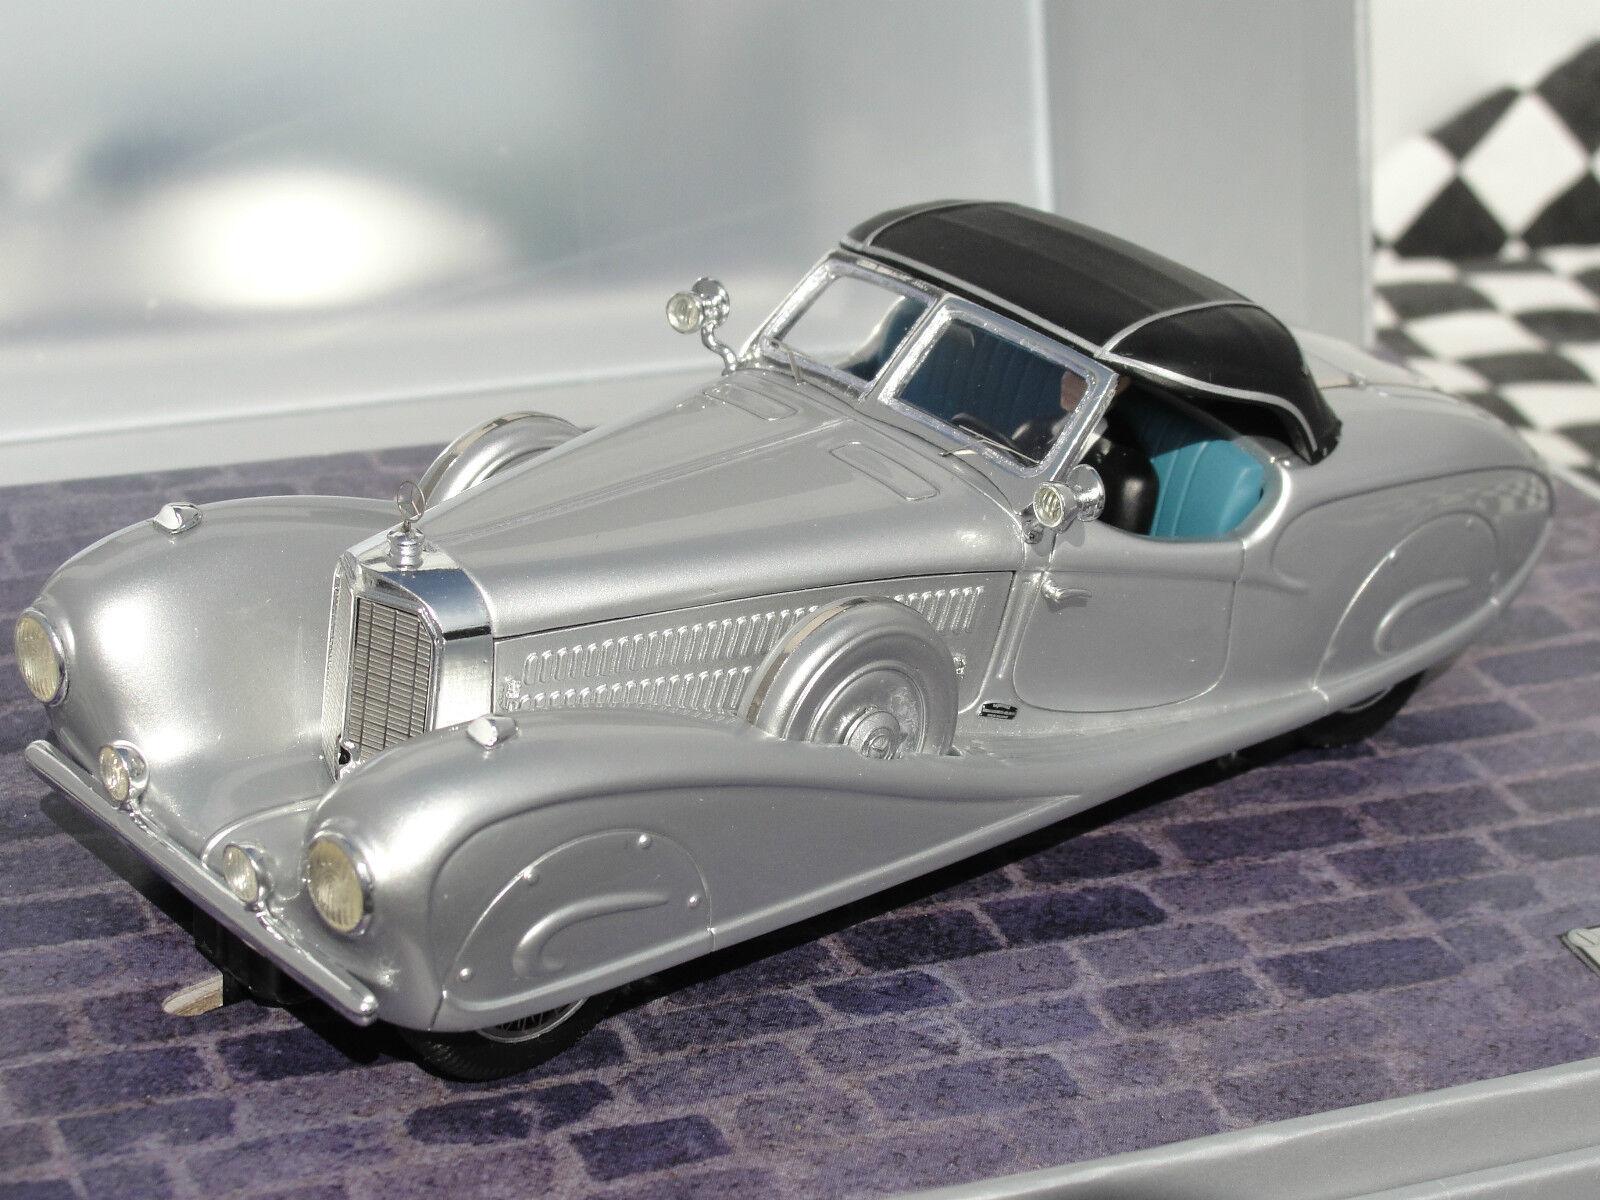 Top slot slot slot mercedes benz 540K sport cabriolet argent 7110 1:32 slot bnib 94423c